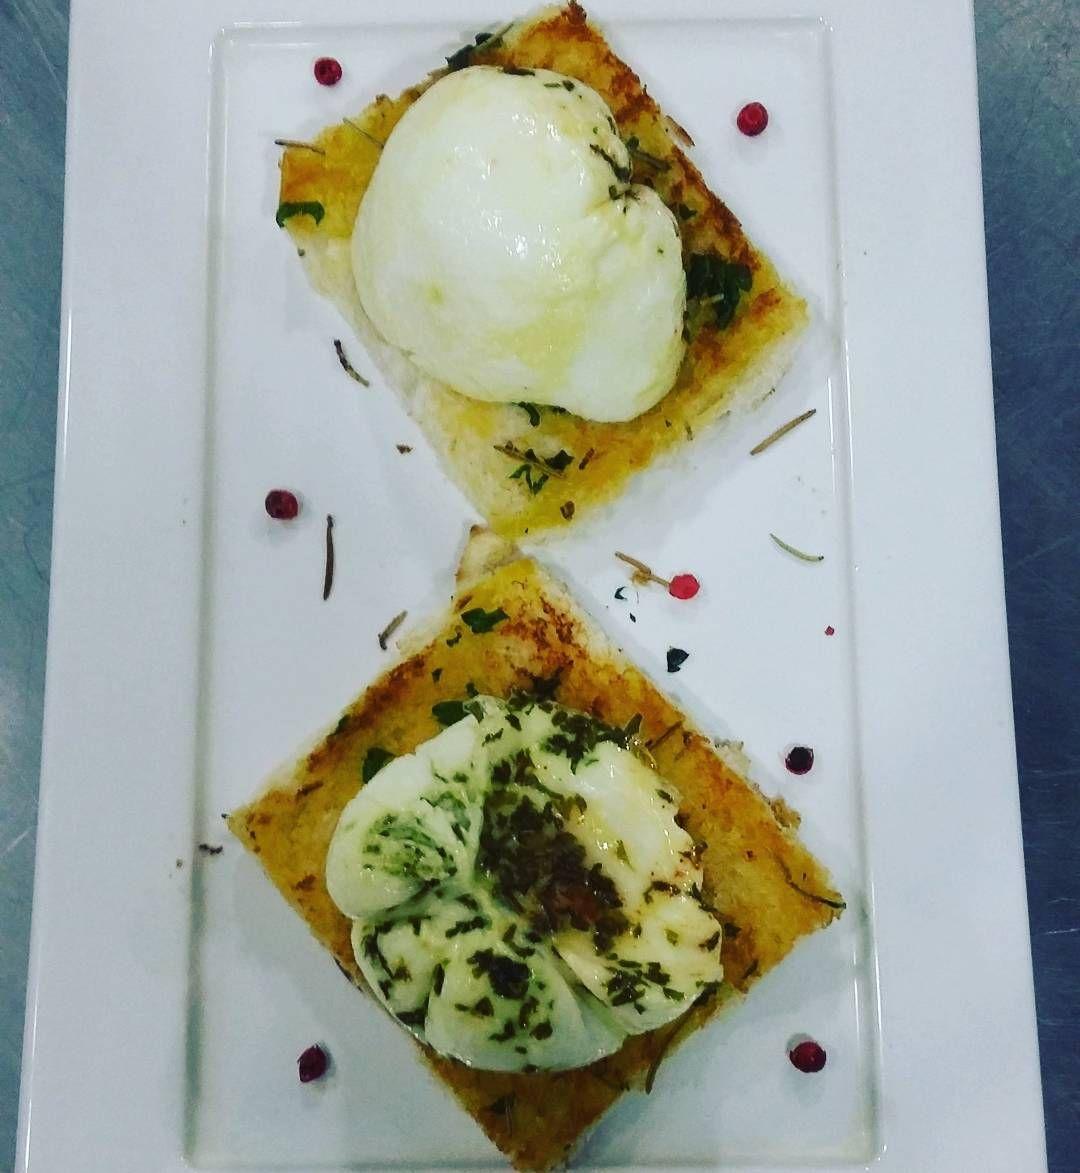 Ovo pochê. #gastronomia #culinaria #chef #IGA #IGAcampos #receita #dieta #gnt by valssantos.81